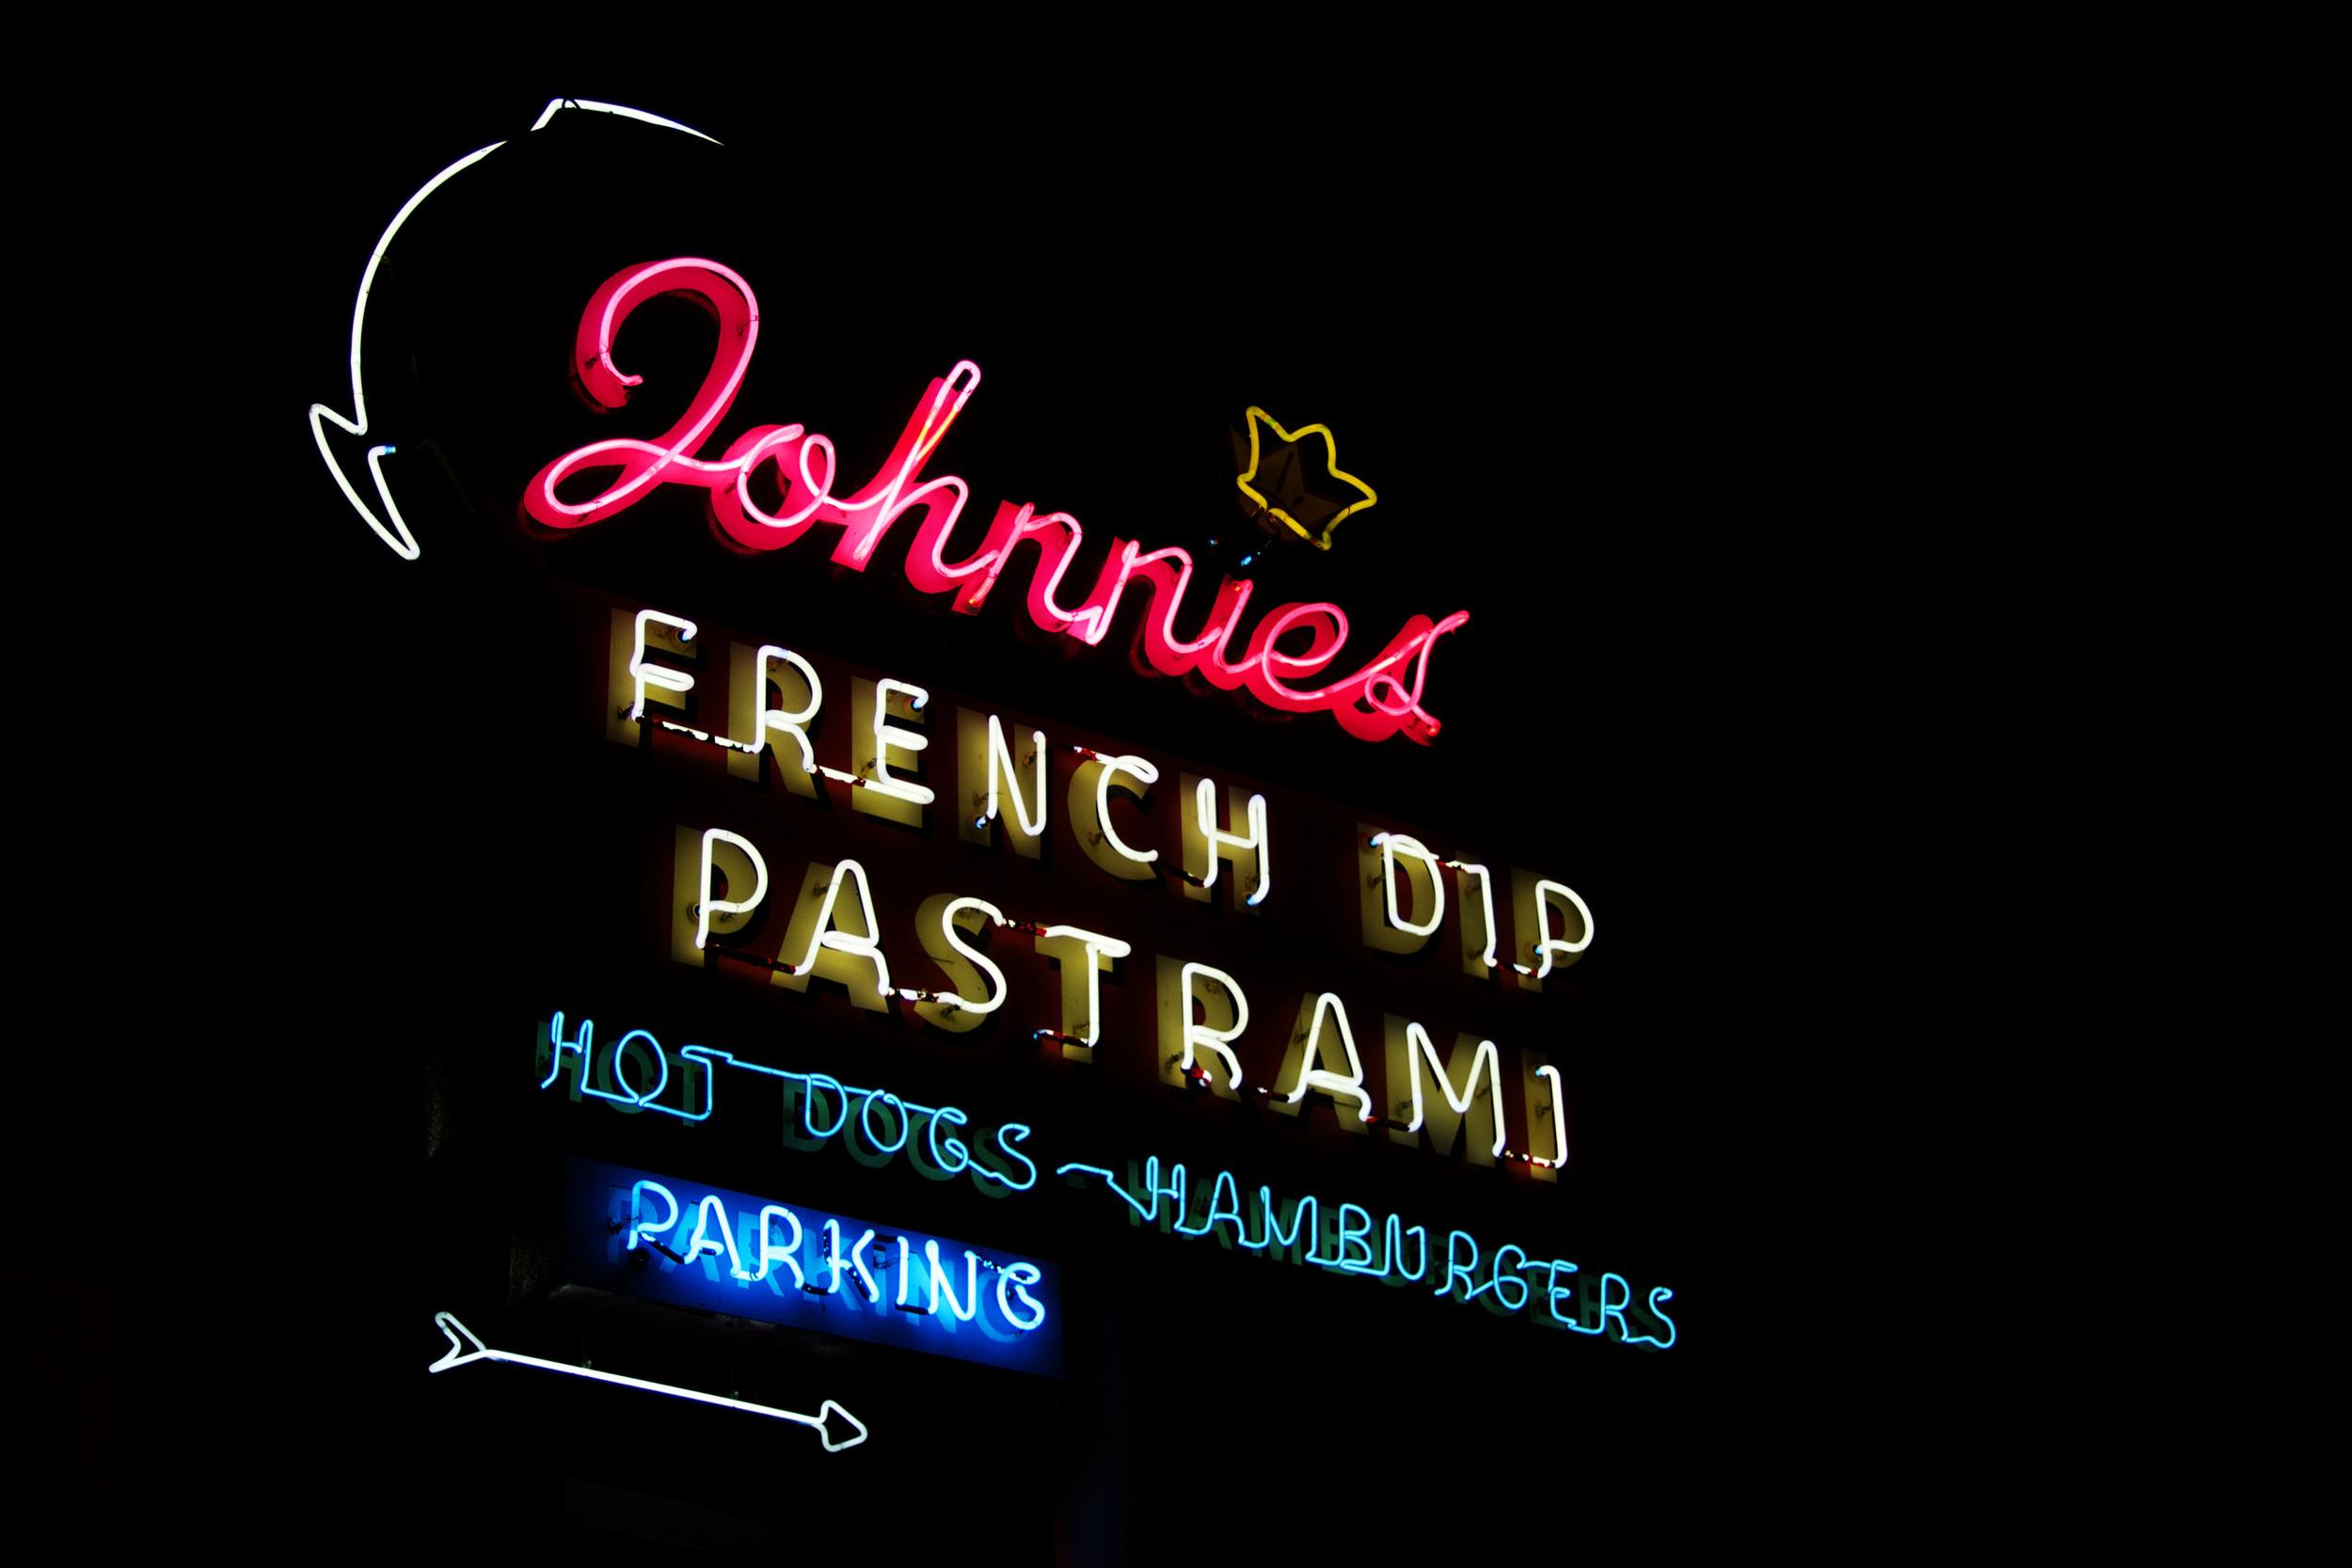 johnnie's pastrami.jpg